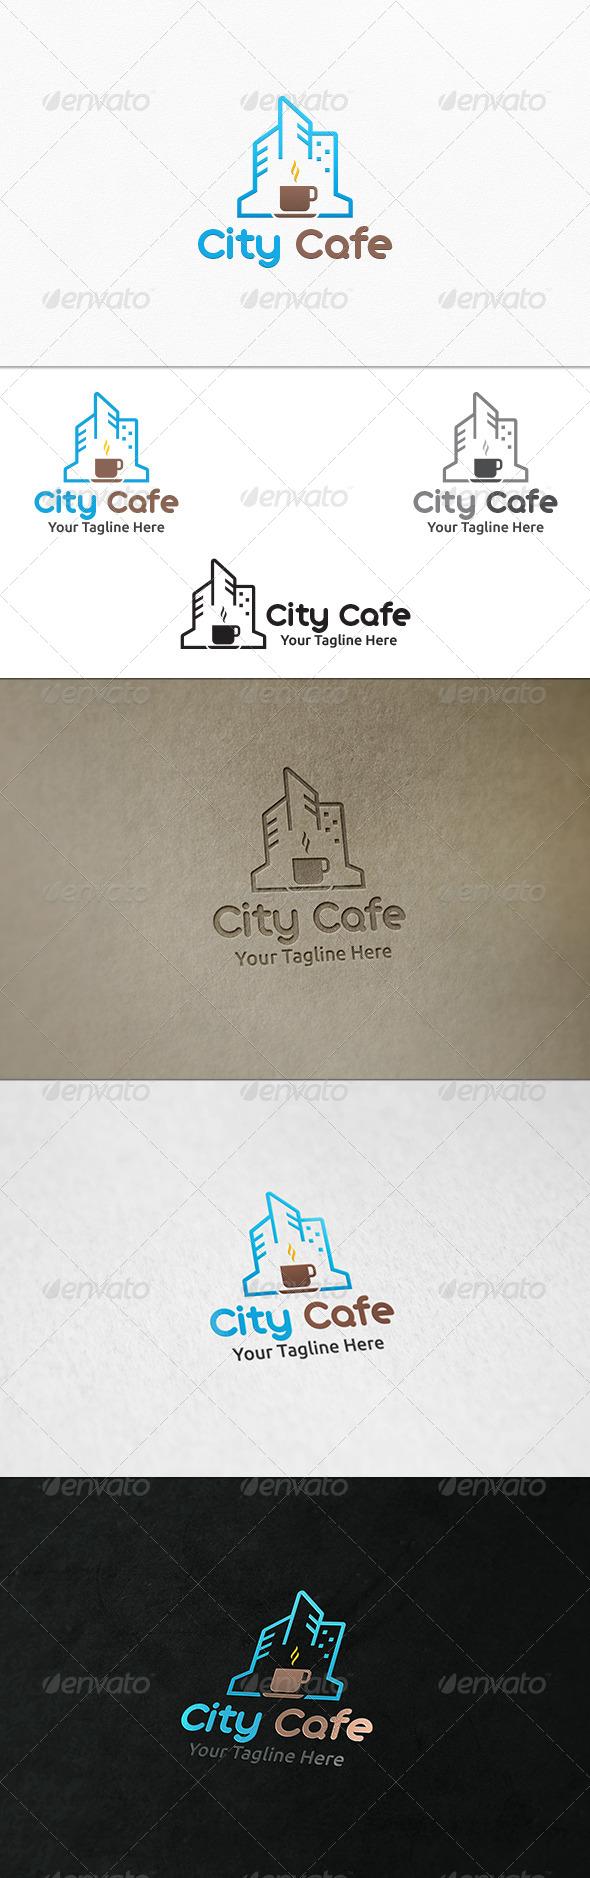 GraphicRiver City Cafe Logo Template 7545808